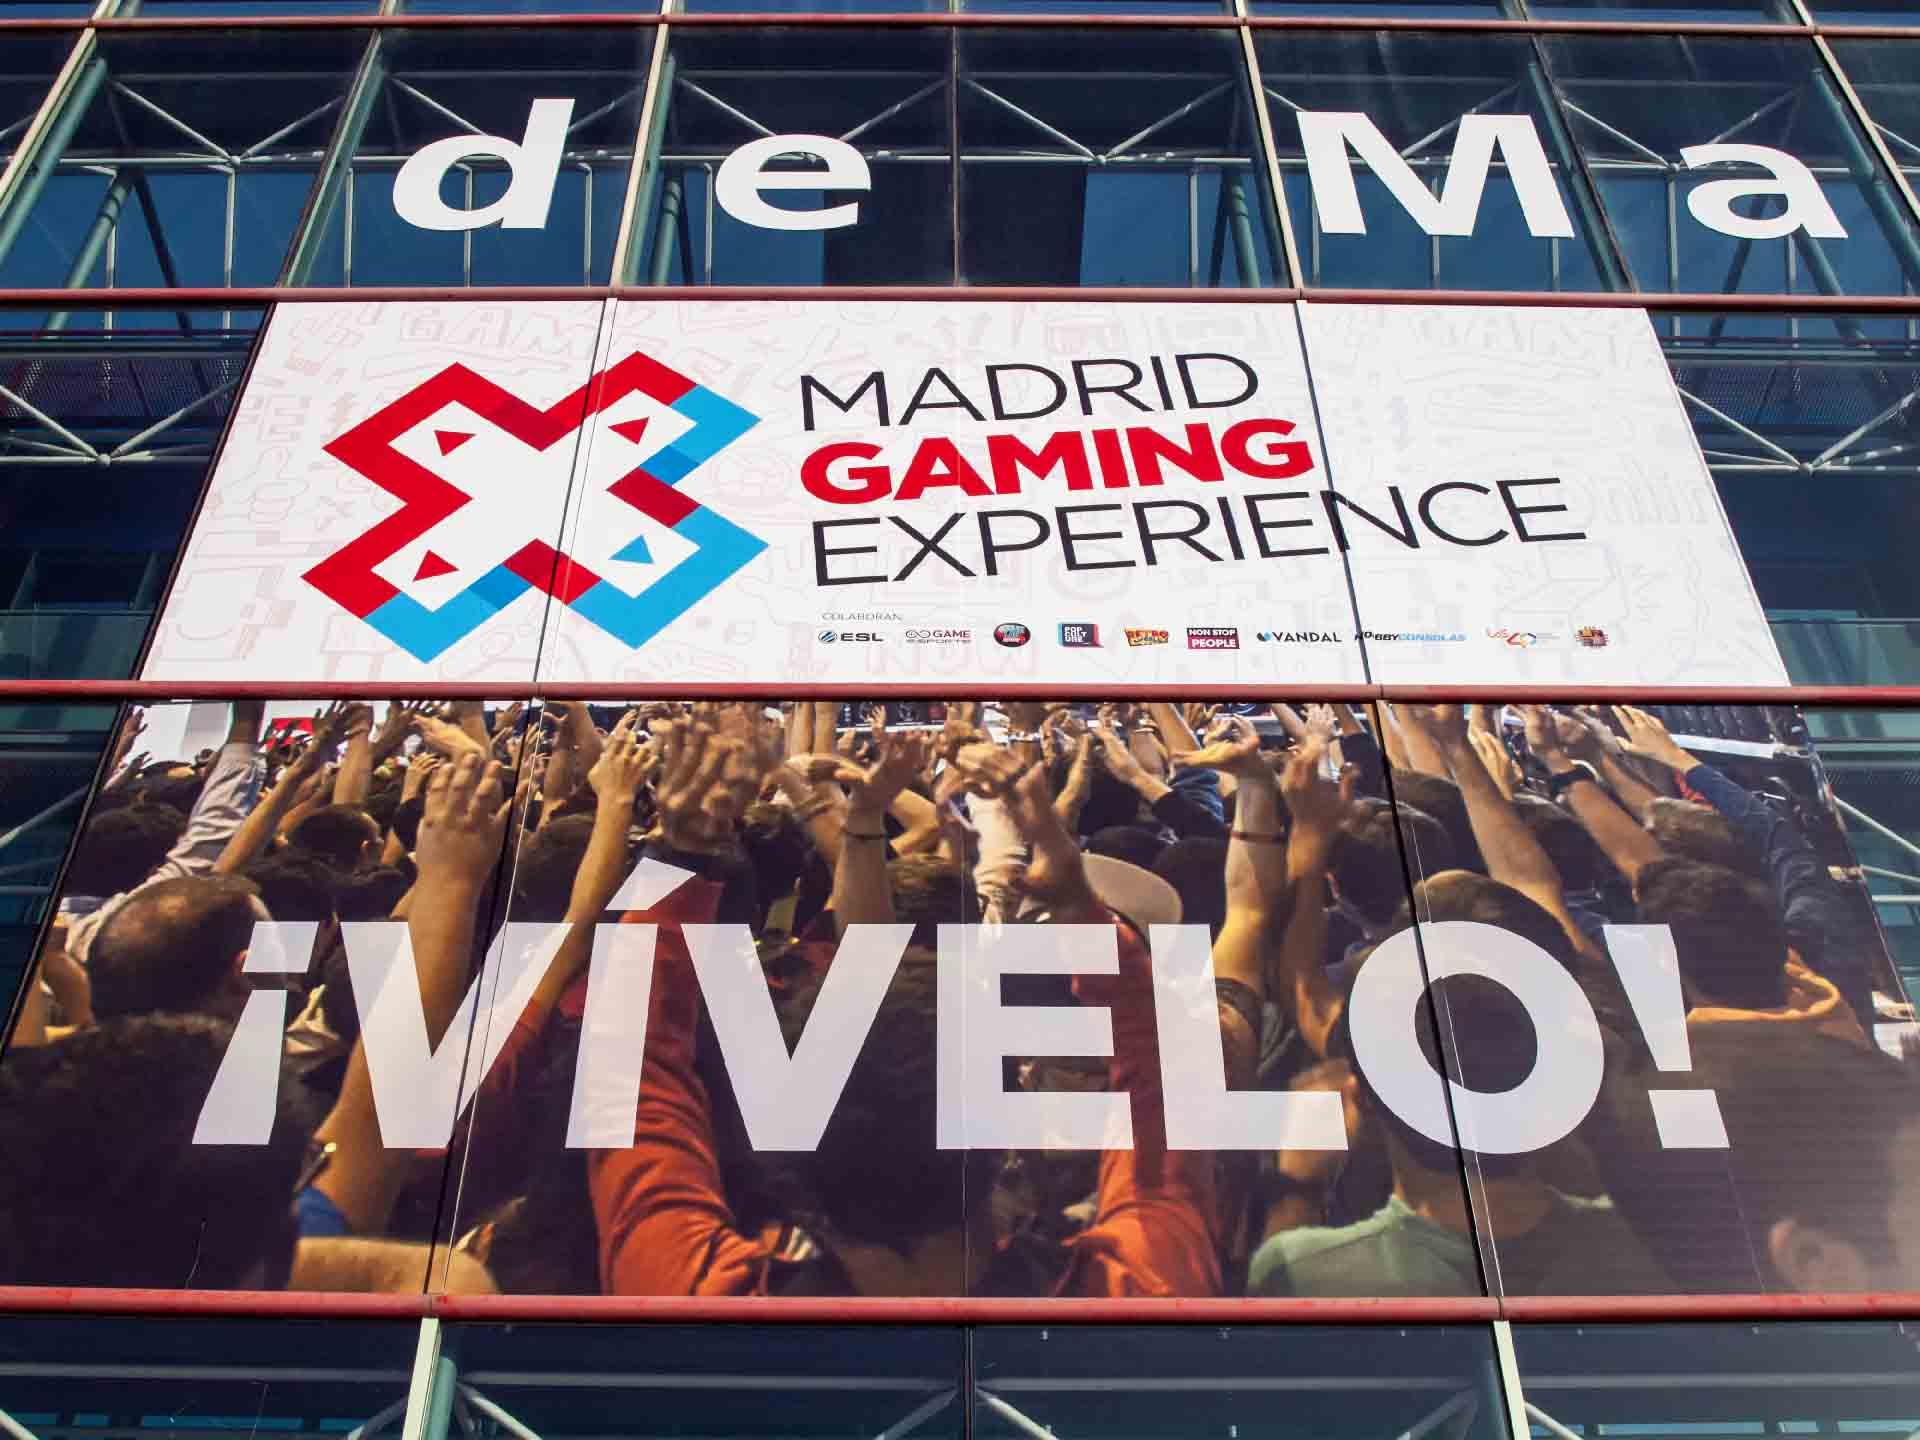 Madrid Gaming Experience 2017, te contamos nuestro paso por este evento